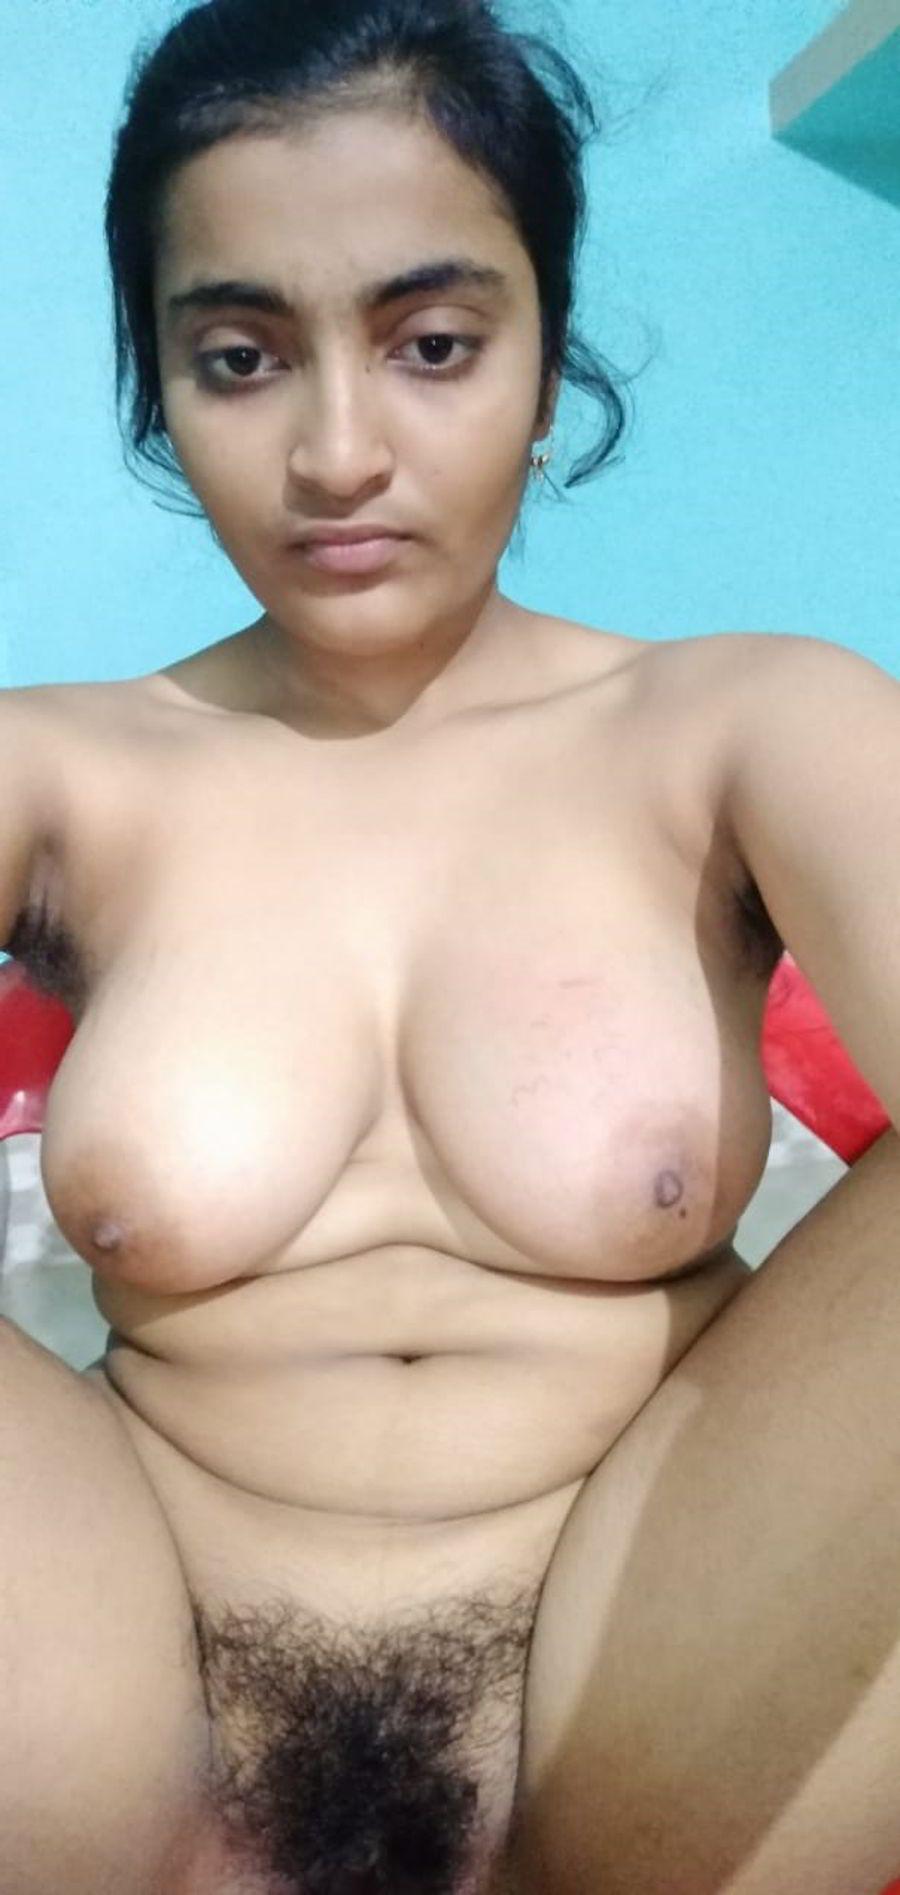 Porn photos of miranda cosgrove